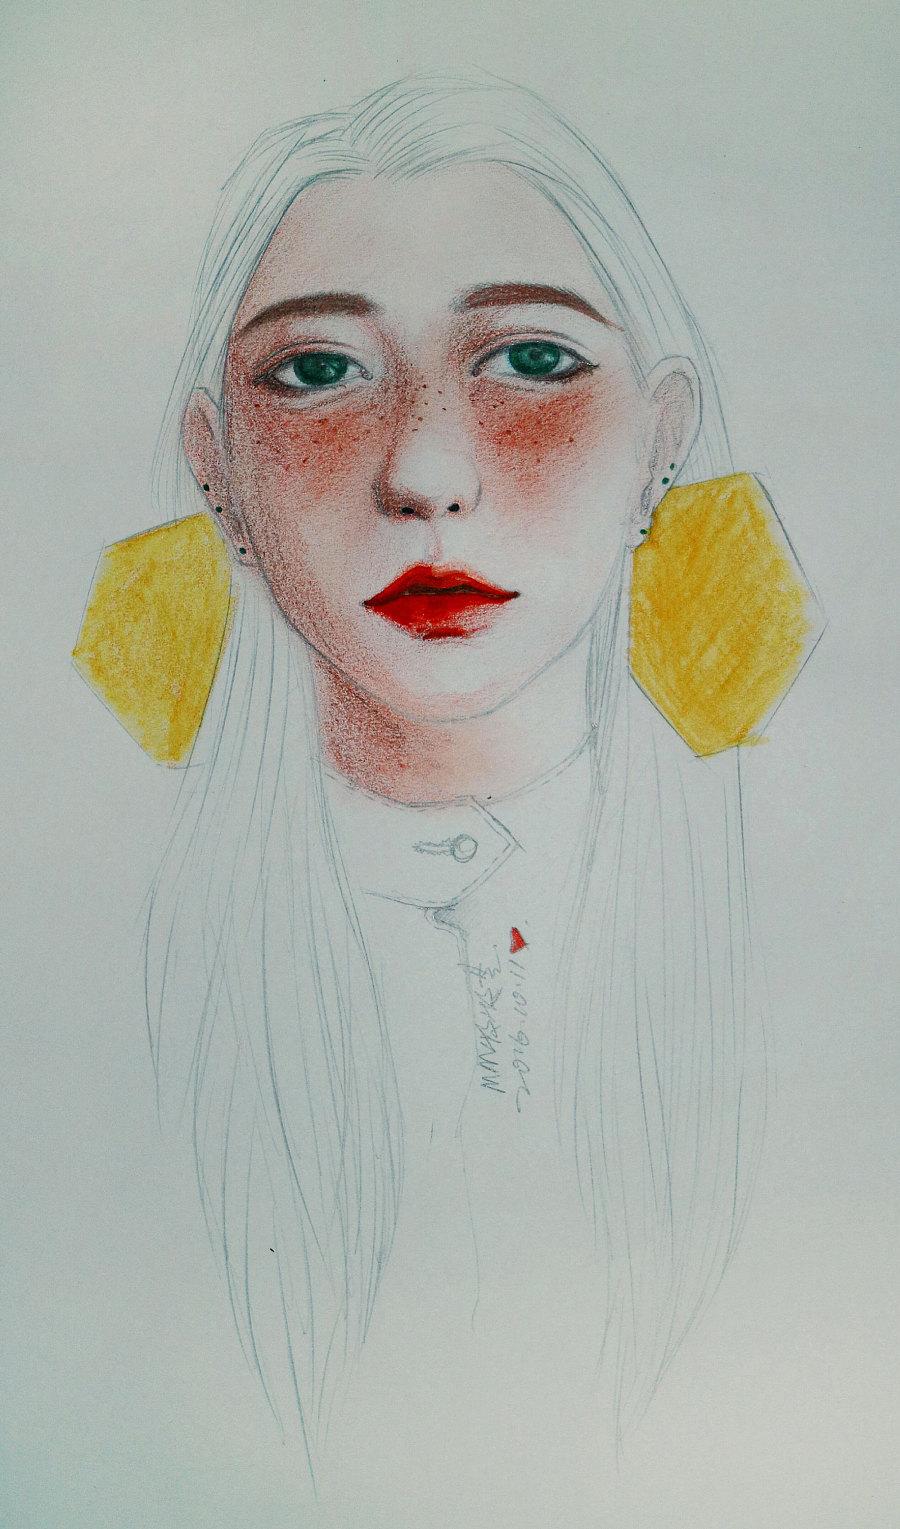 手绘头像|绘画习作|插画|mumuyun